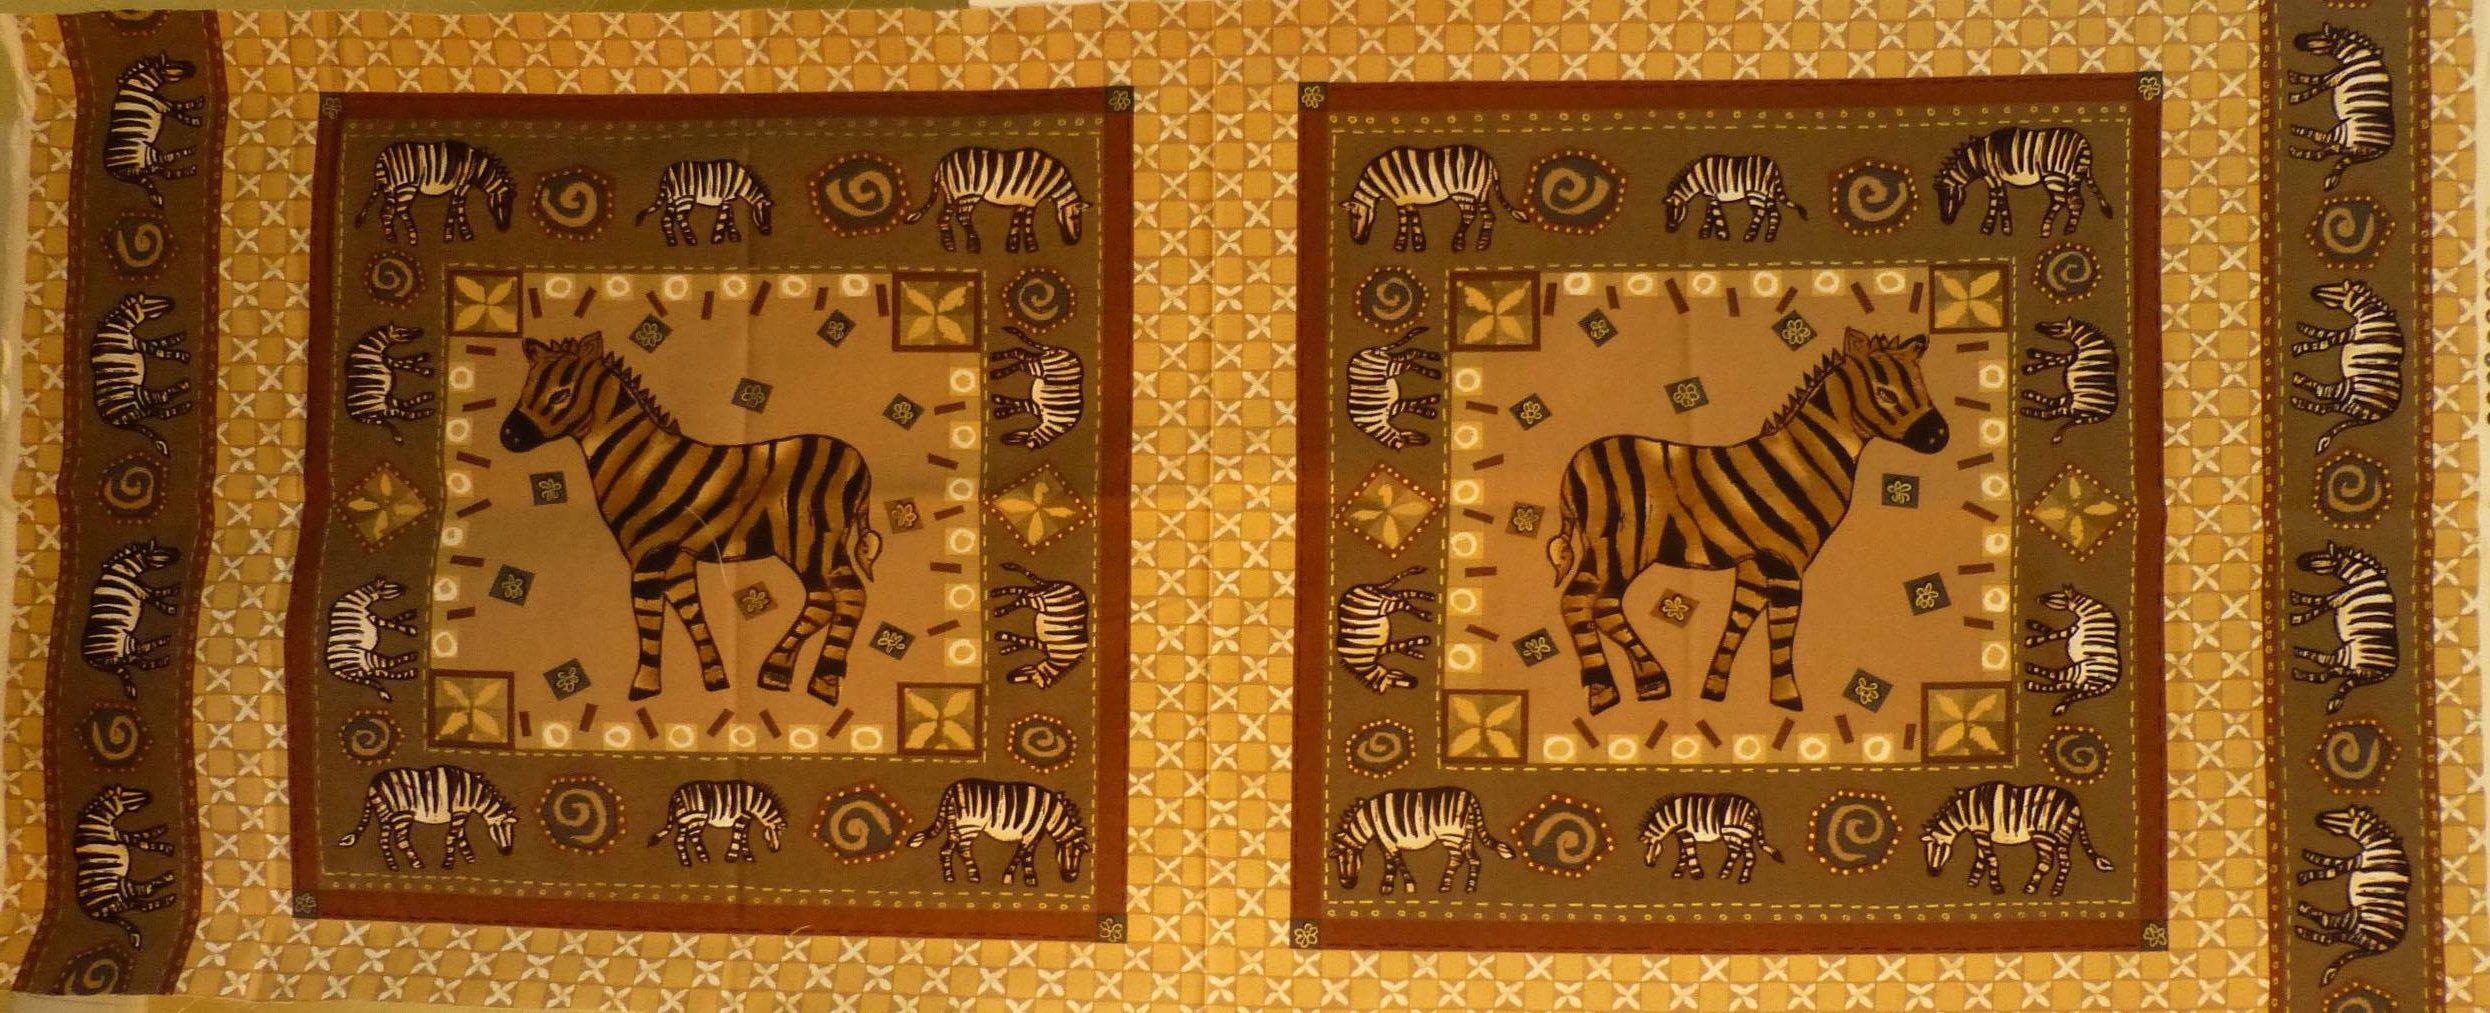 0909-panneau-zebre-afrique